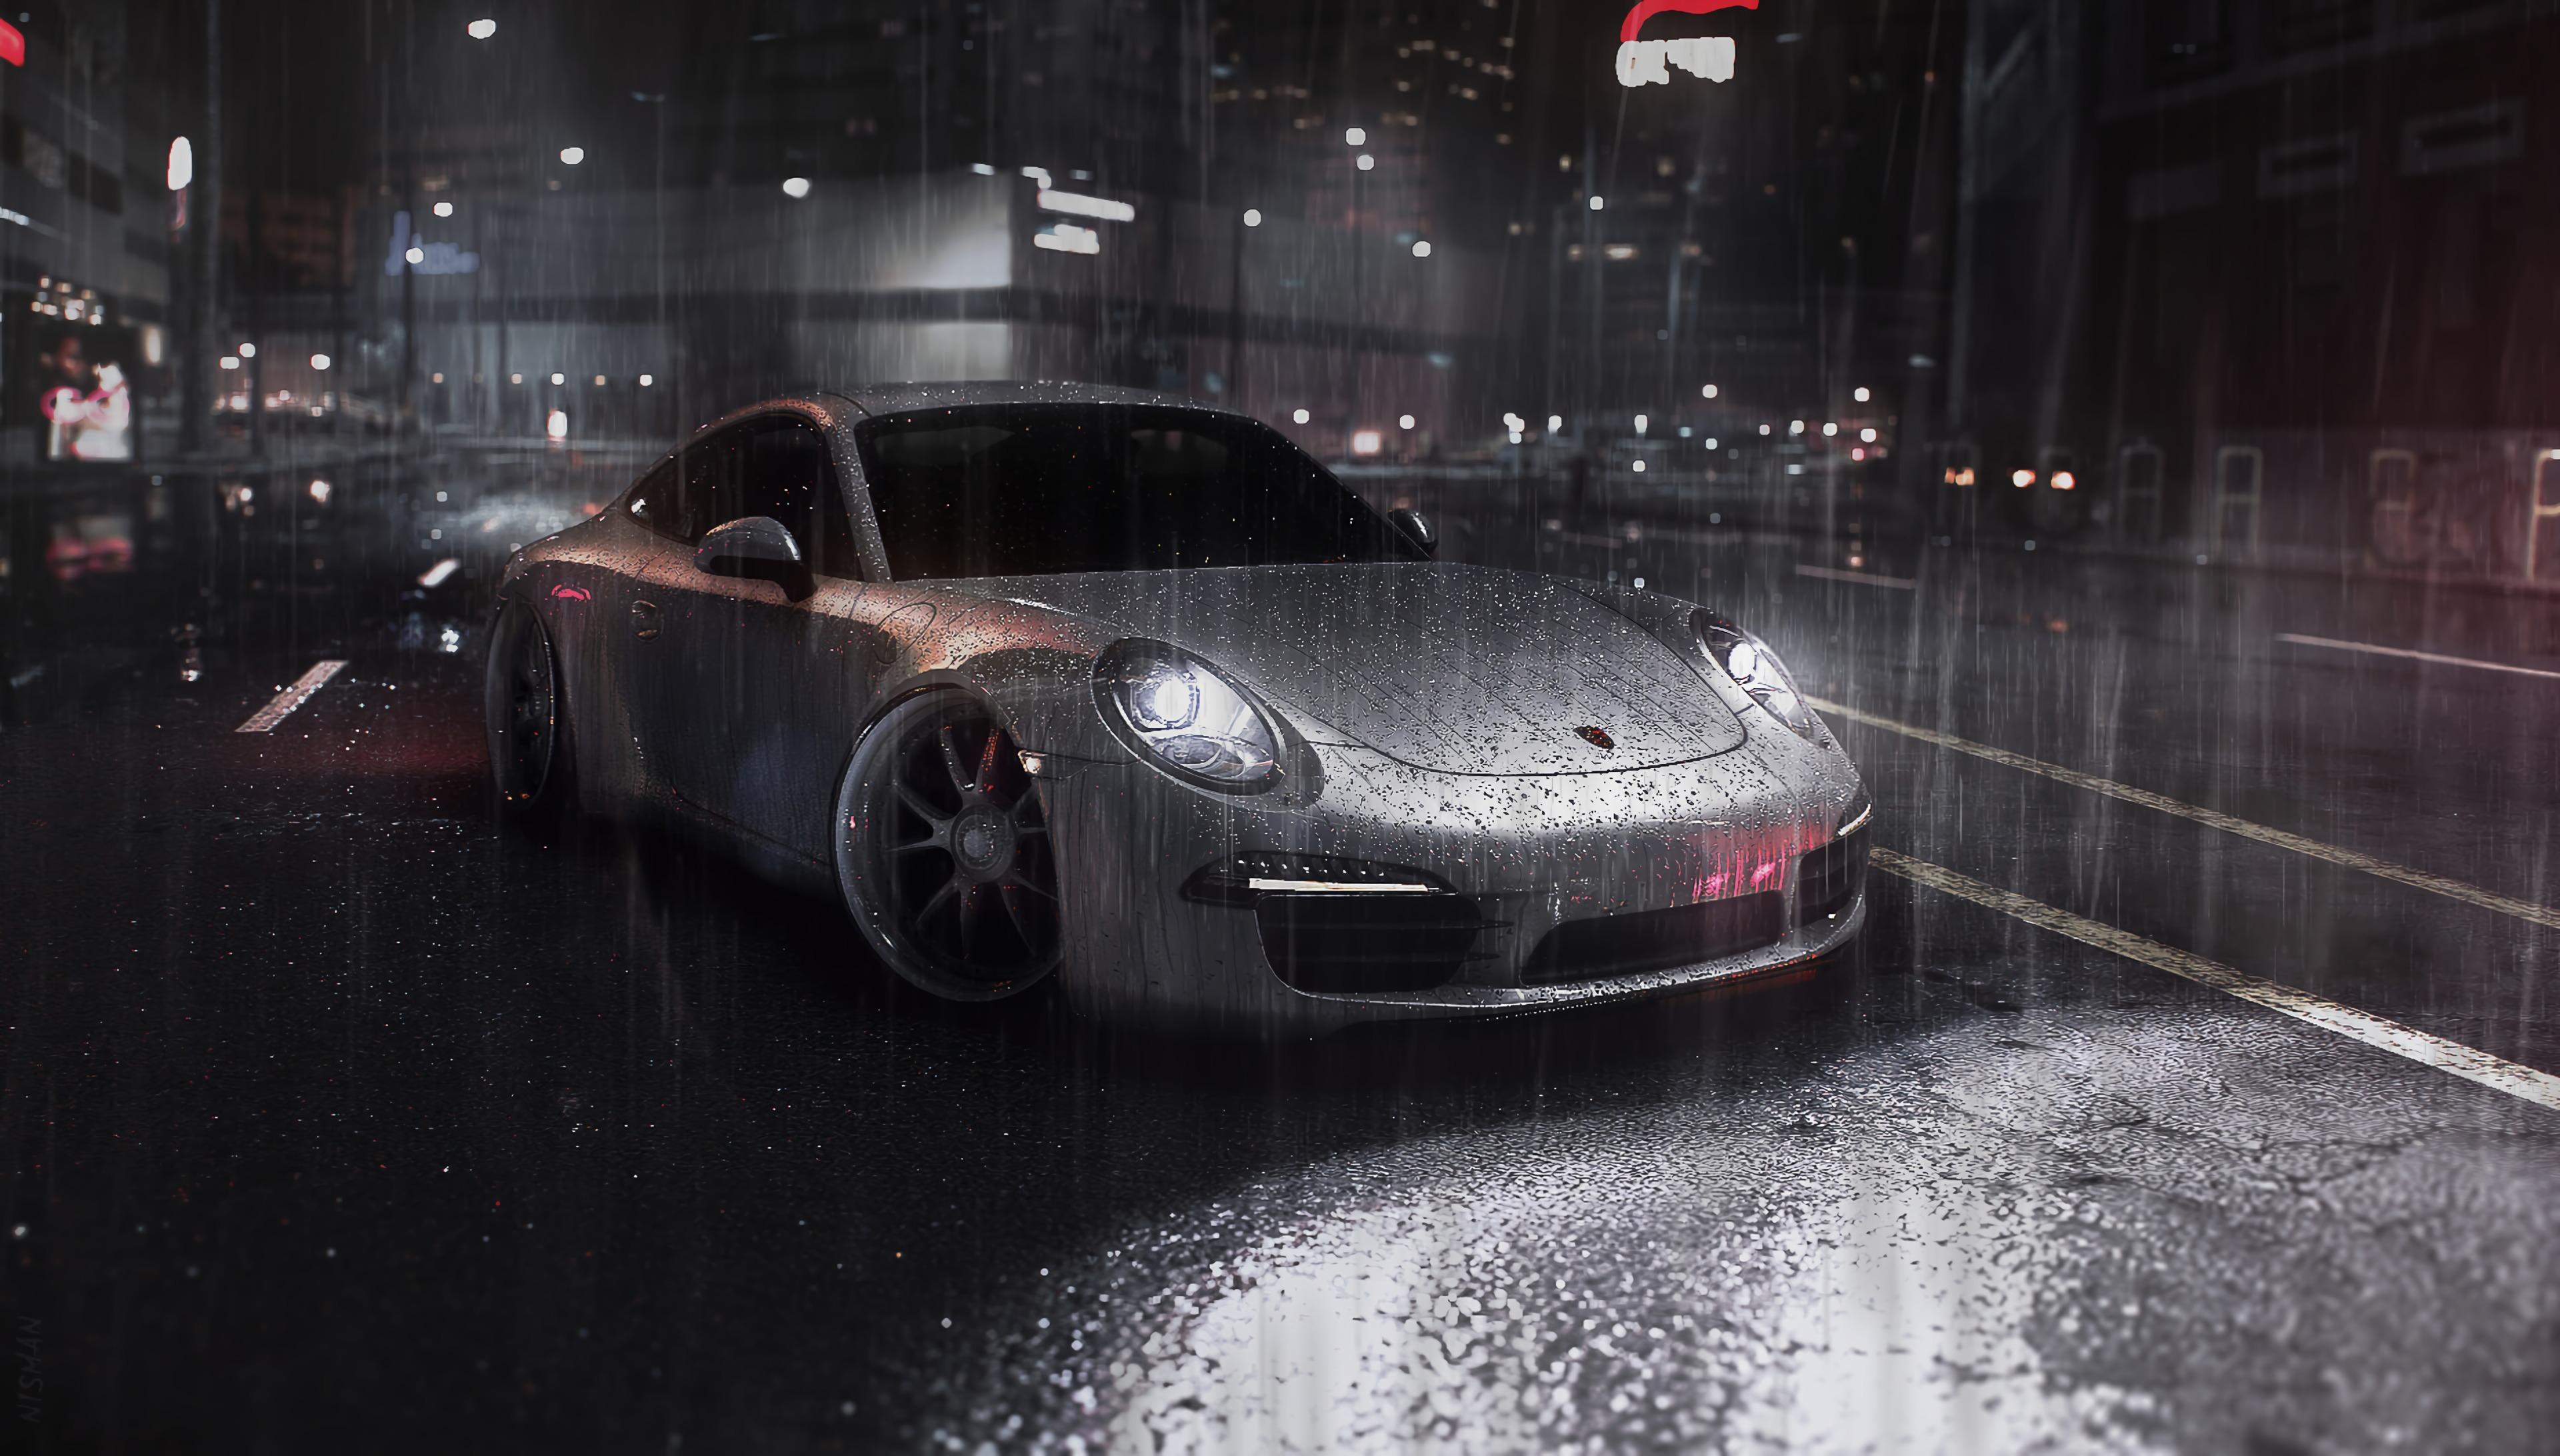 134679 Hintergrundbild herunterladen Sport, Auto, Regen, Cars, Straße, Maschine, Sportwagen, Street - Bildschirmschoner und Bilder kostenlos